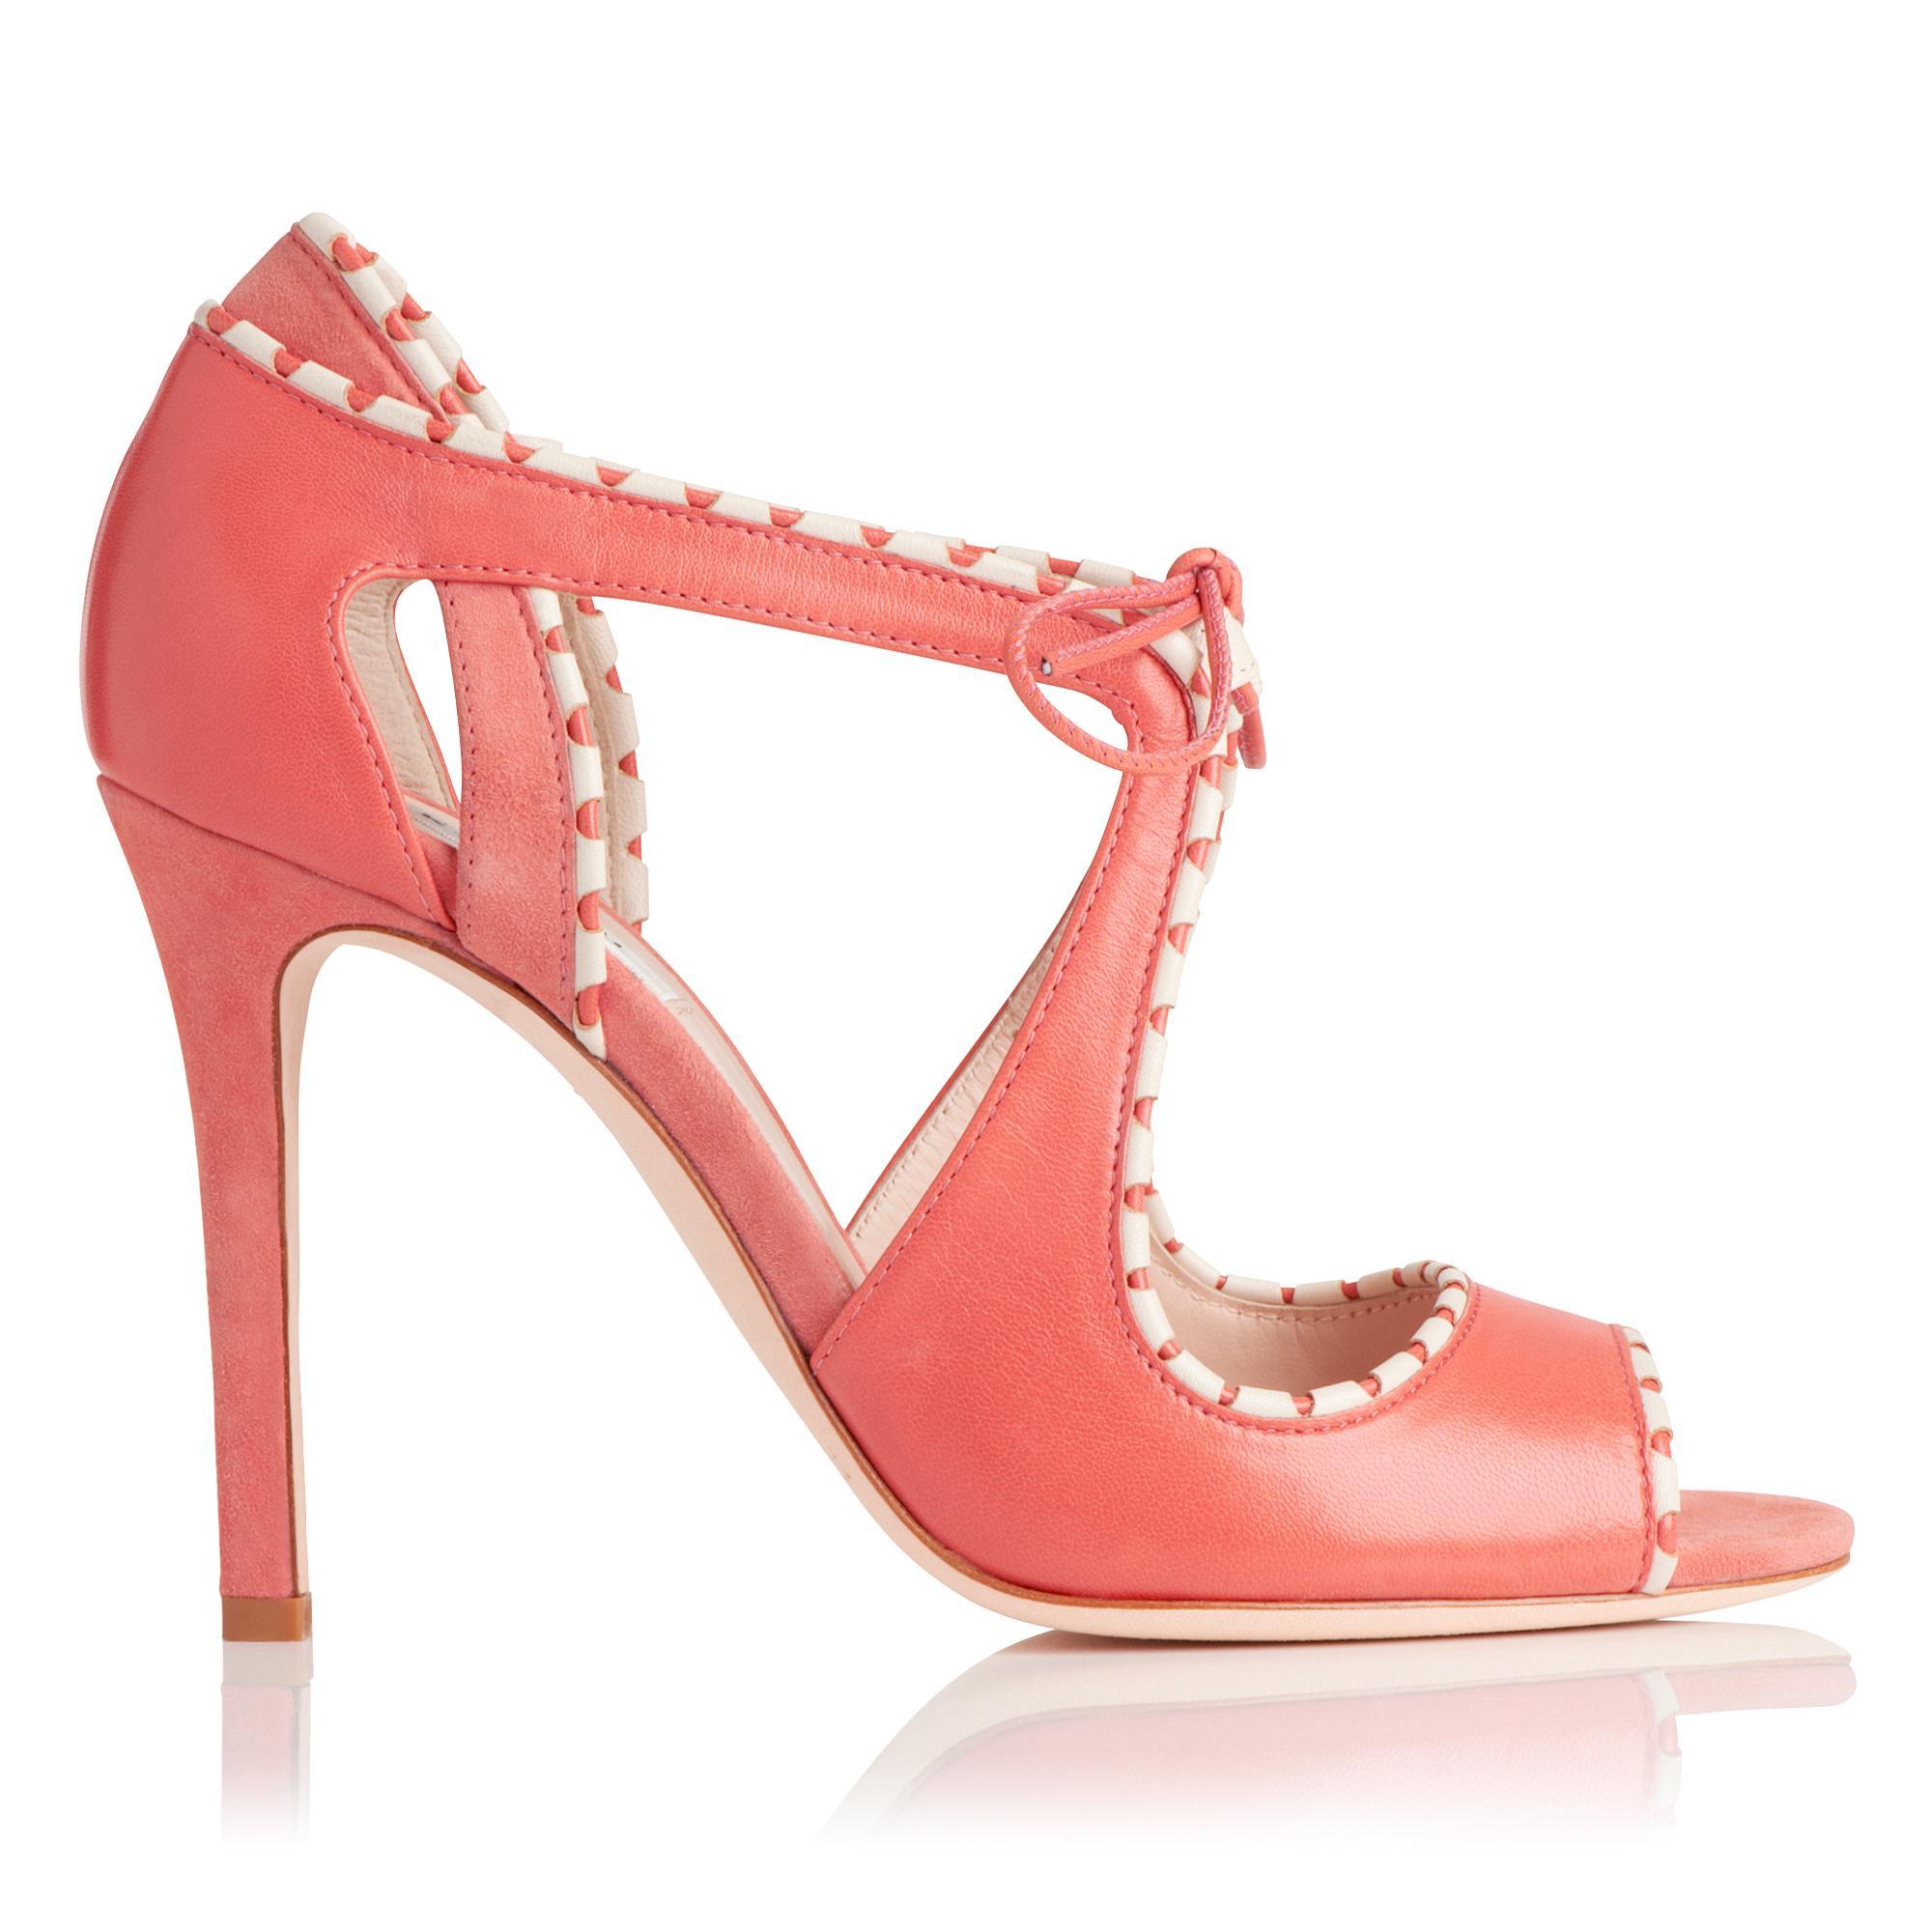 Miki High Heel Sandals